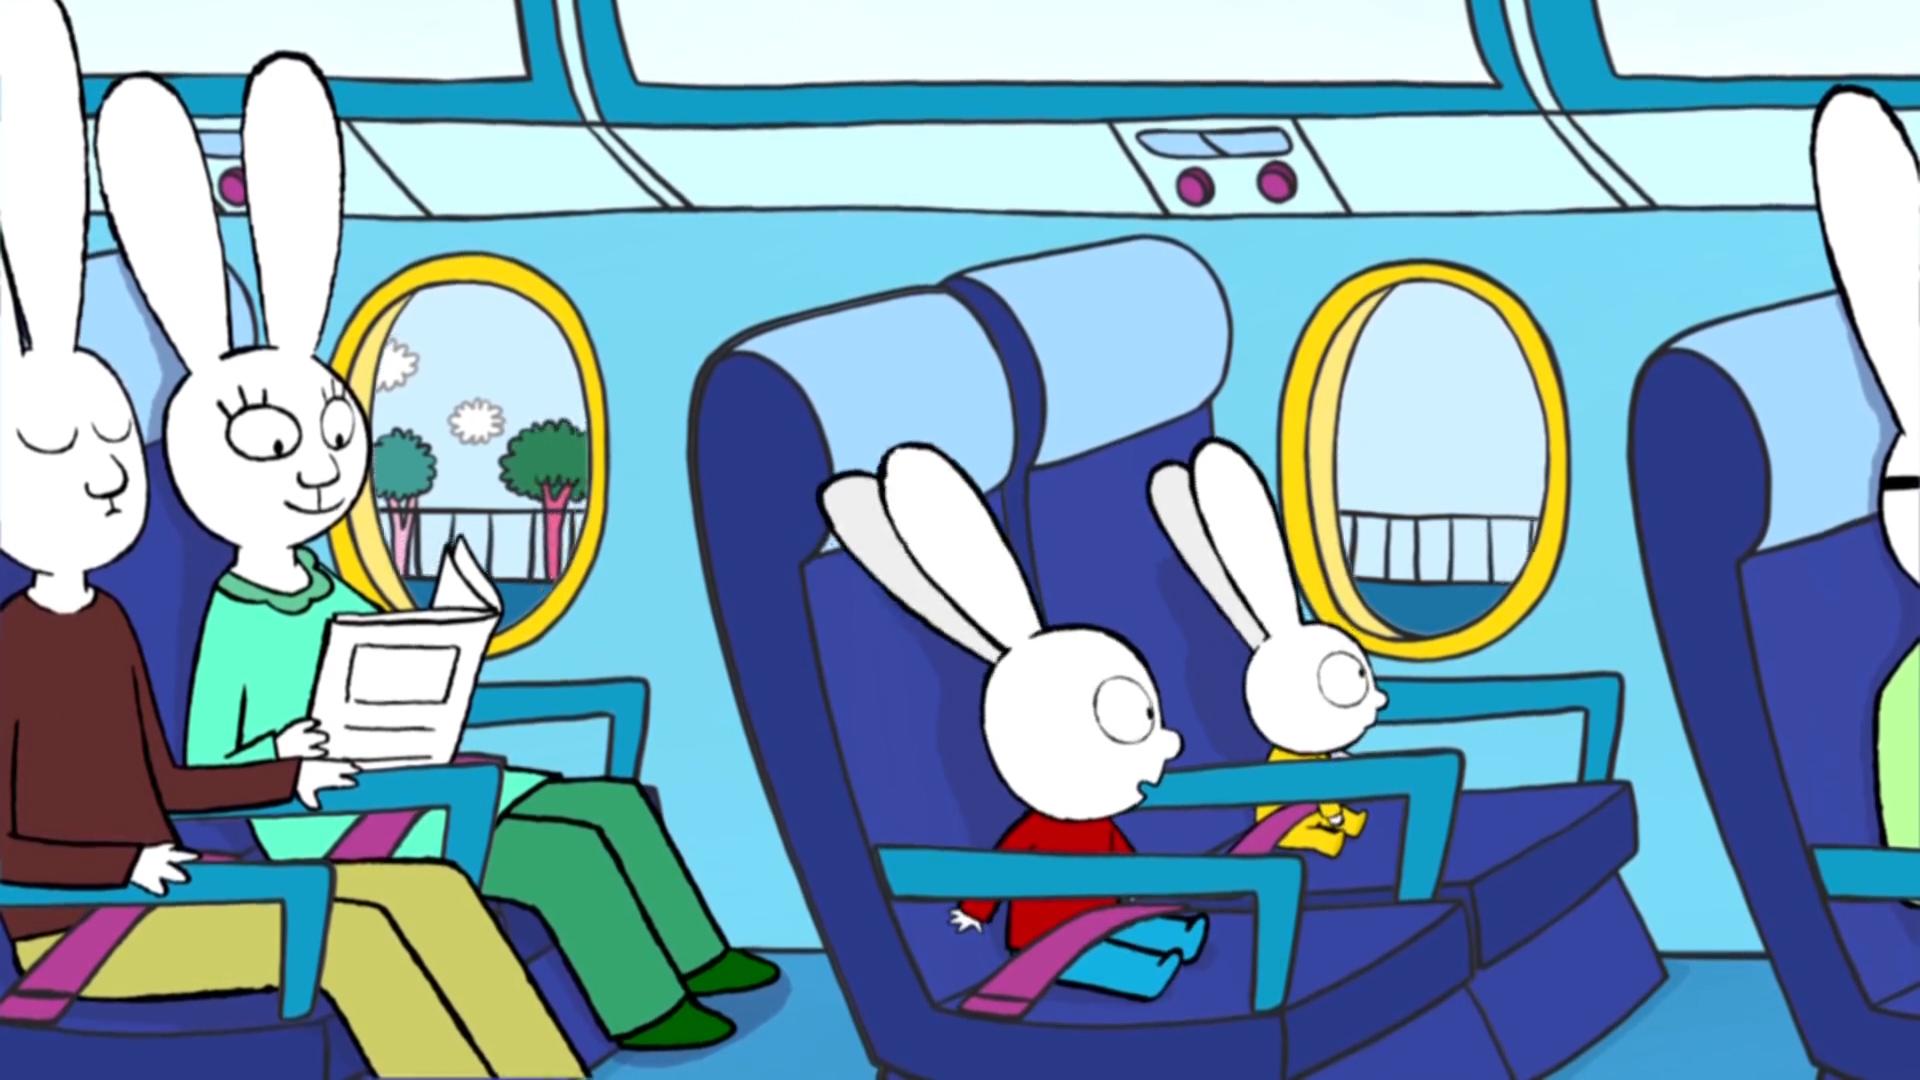 [3] Simon - In the aeroplane